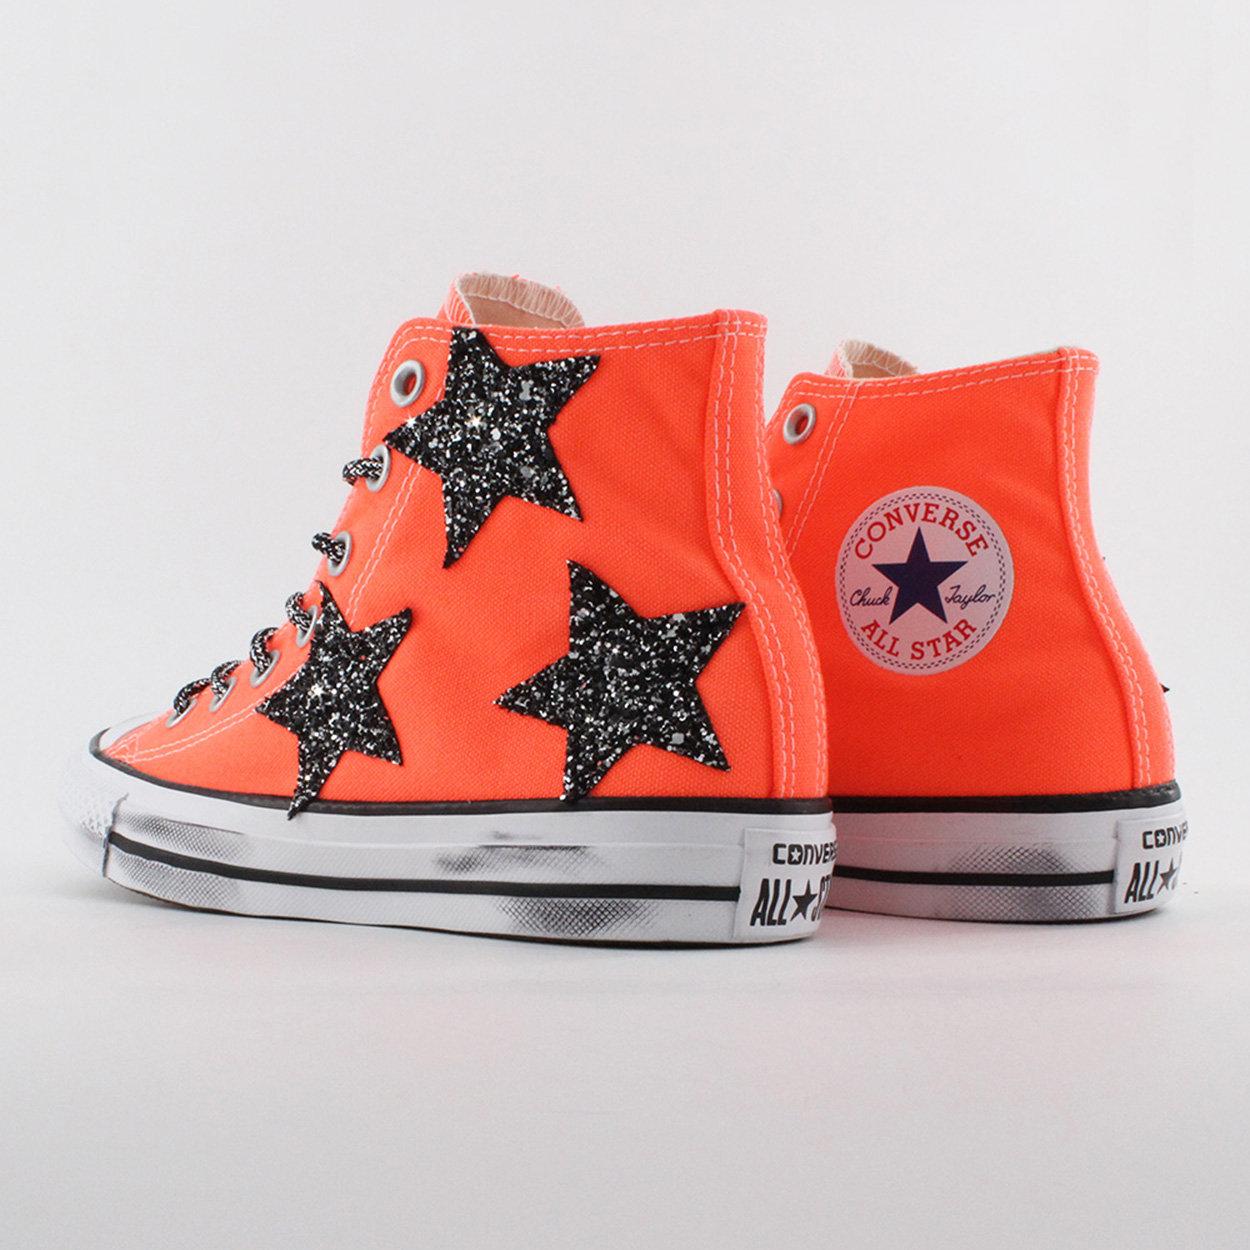 CONVERSE ALL STAR Sneackers alta in tela con inserti stelle glitterate arancioni